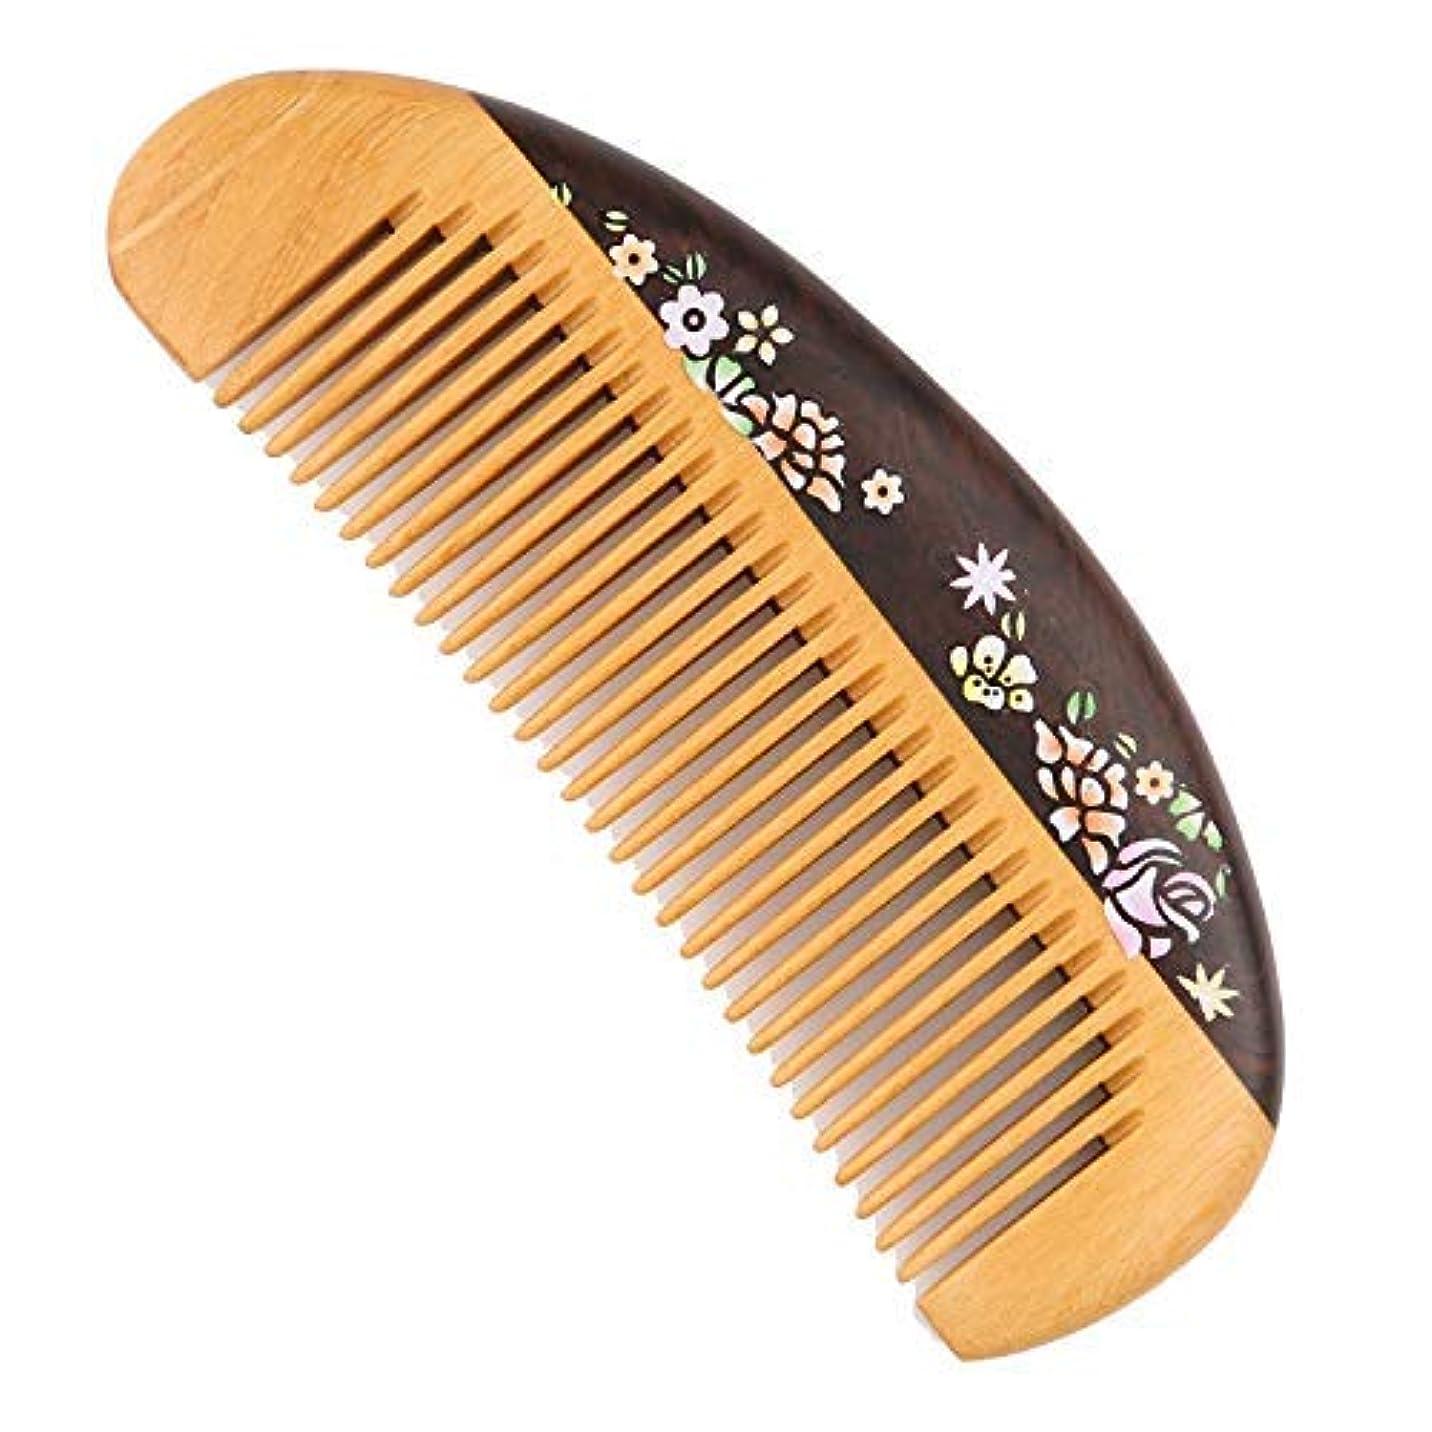 評価過言カトリック教徒Fine Tooth Wooden Comb [Gift Box] -LilyComb No Static Pocket Wood Comb for Girl and Women- Birthday Anniversary...